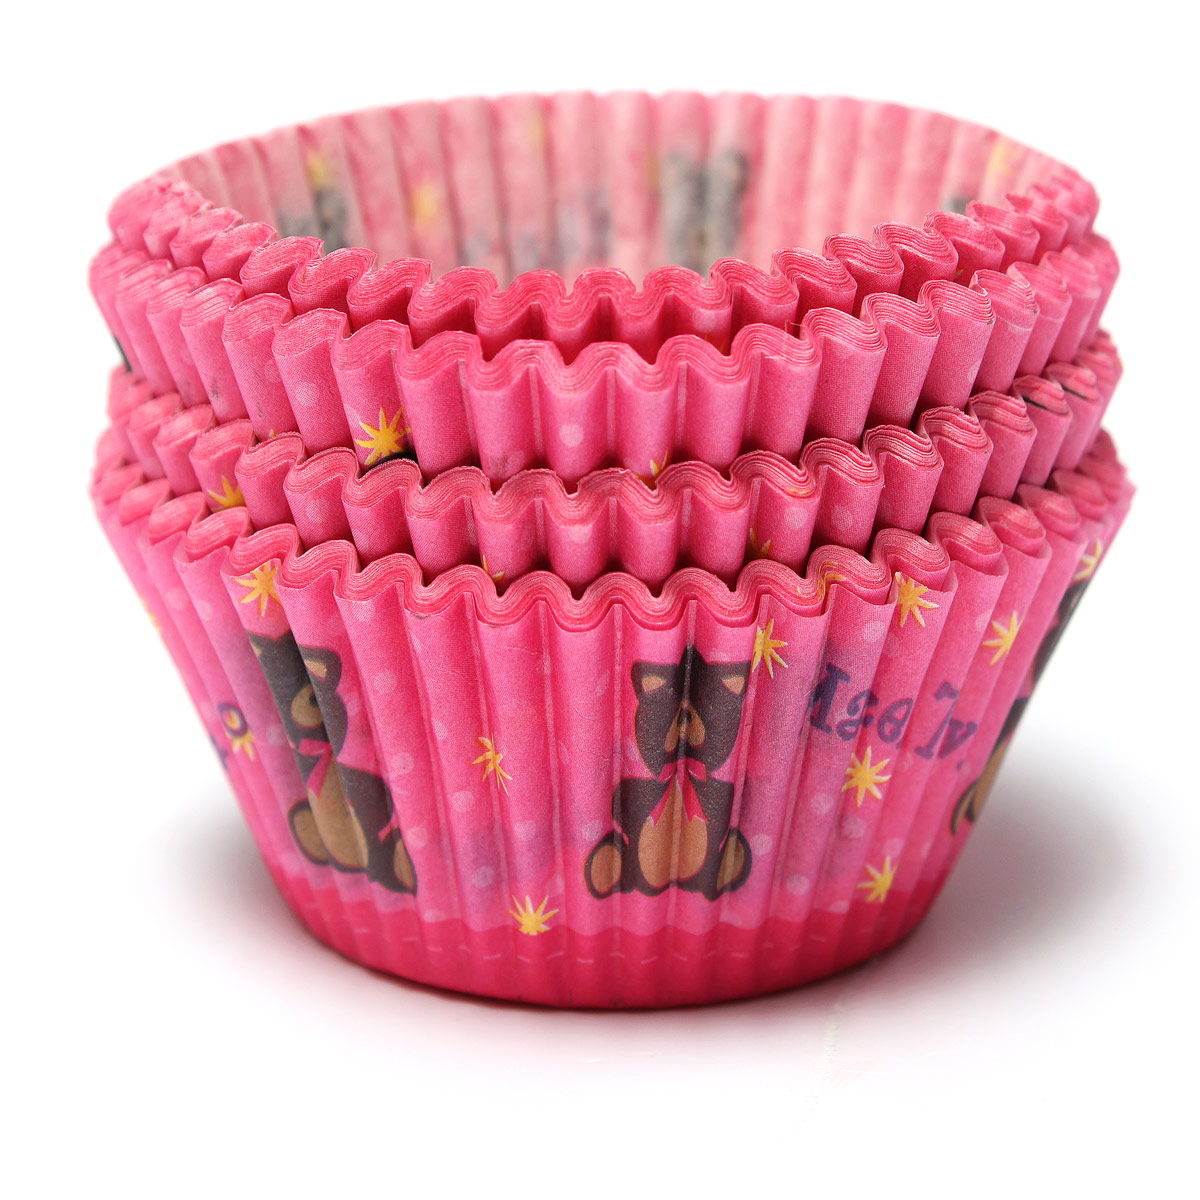 100 papier caissette de muffin moule g teau cupcake p tisserie d co 9 styles ebay. Black Bedroom Furniture Sets. Home Design Ideas